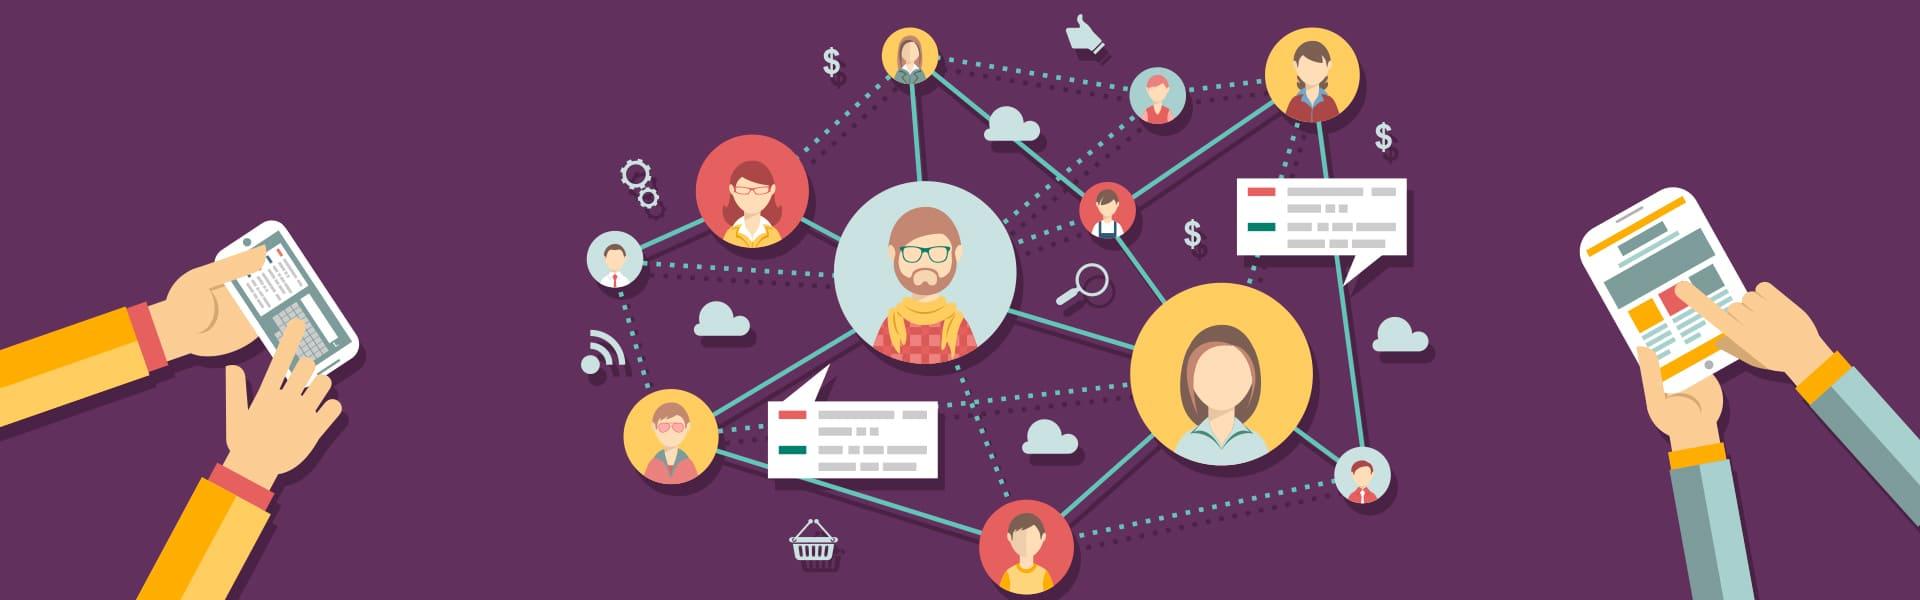 Социальные сети как дополнительный трафик